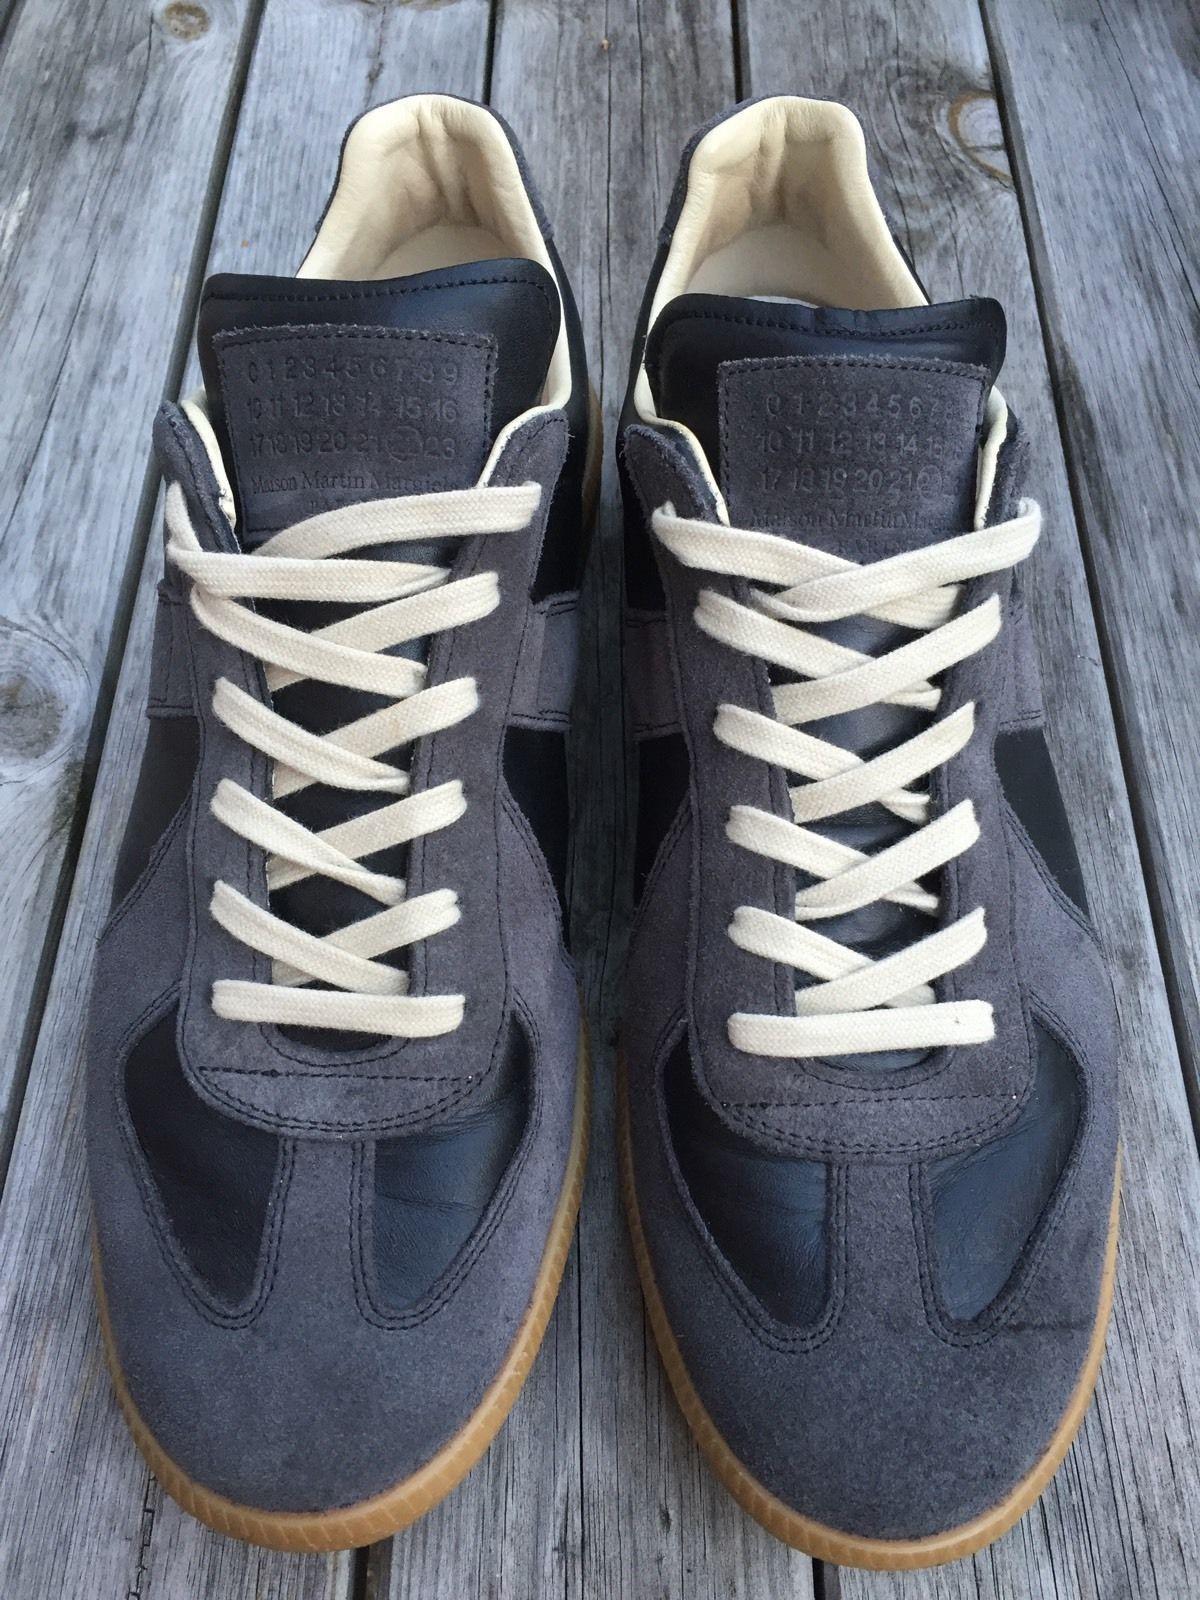 3ef0e0cc11ef 129€ Maison Martin Margiela GAT sneakers in Kleidung   Accessoires,  Herrenschuhe, Turnschuhe   Sneaker   eBay!